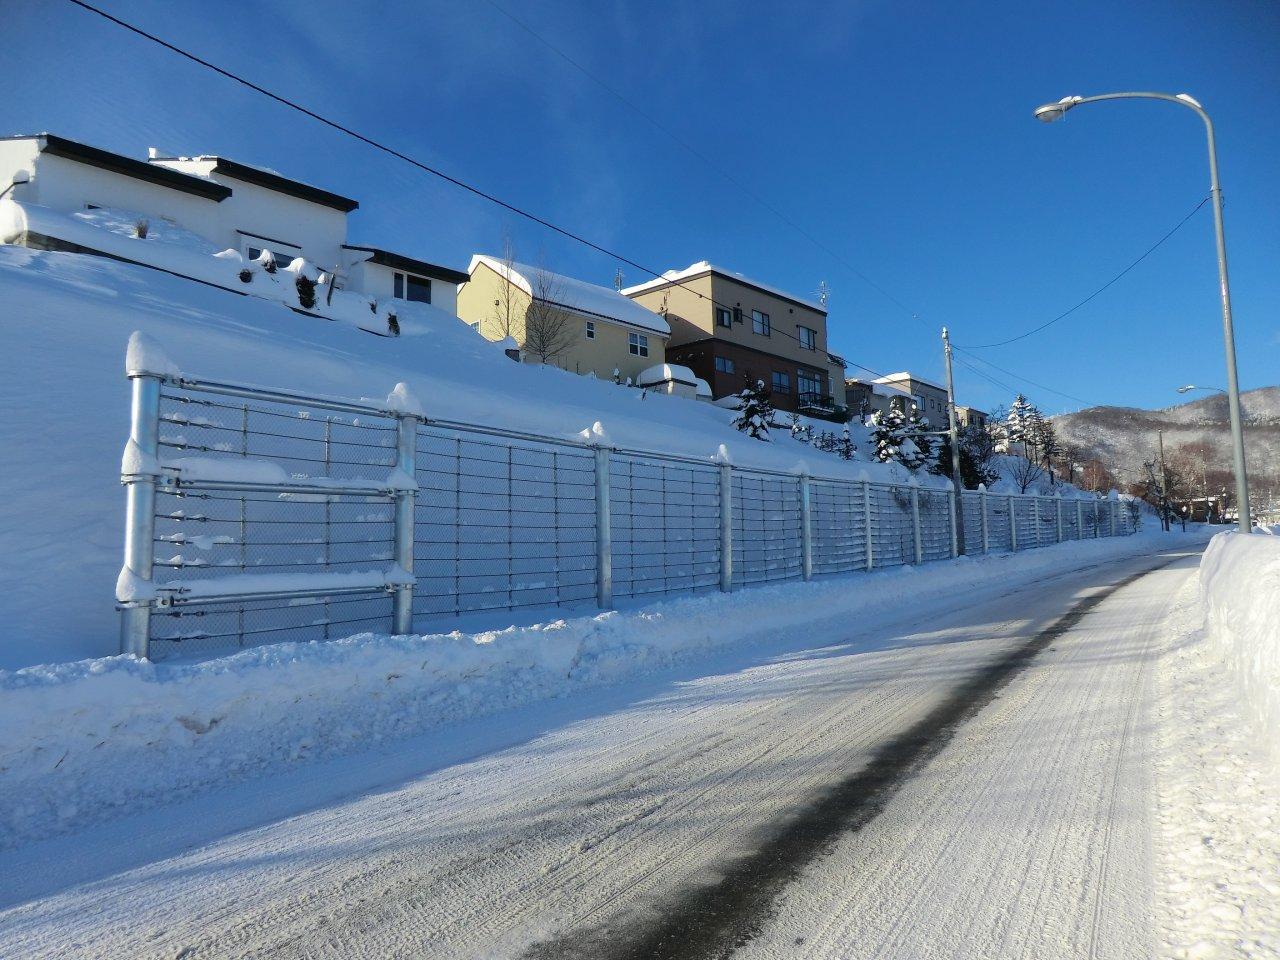 月山線(福井2丁目479番地先)落雪防護柵設置工事